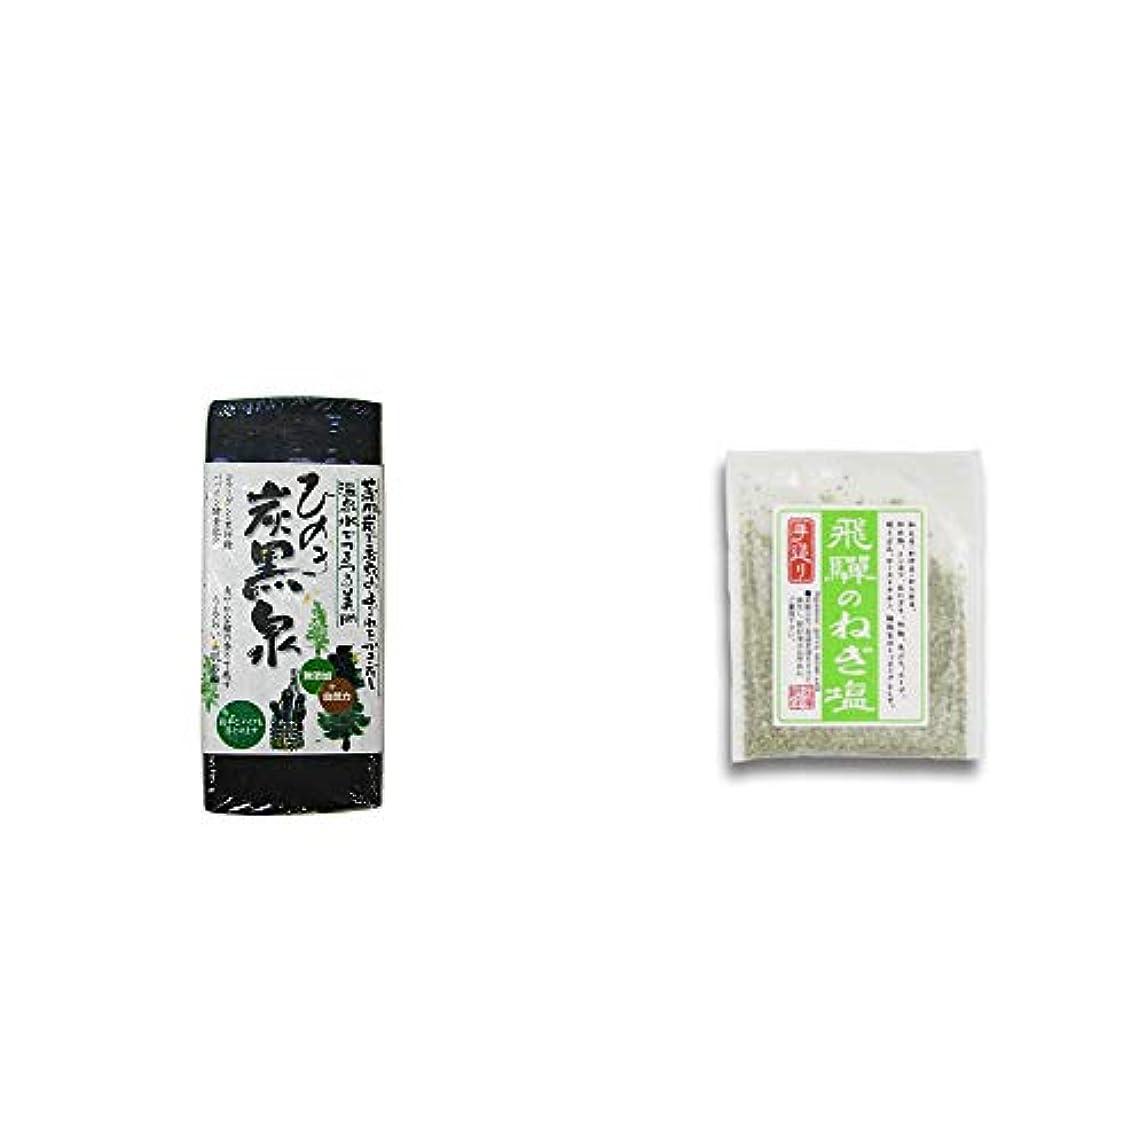 控えめなガスストリーム[2点セット] ひのき炭黒泉(75g×2)?手造り 飛騨のねぎ塩(40g)